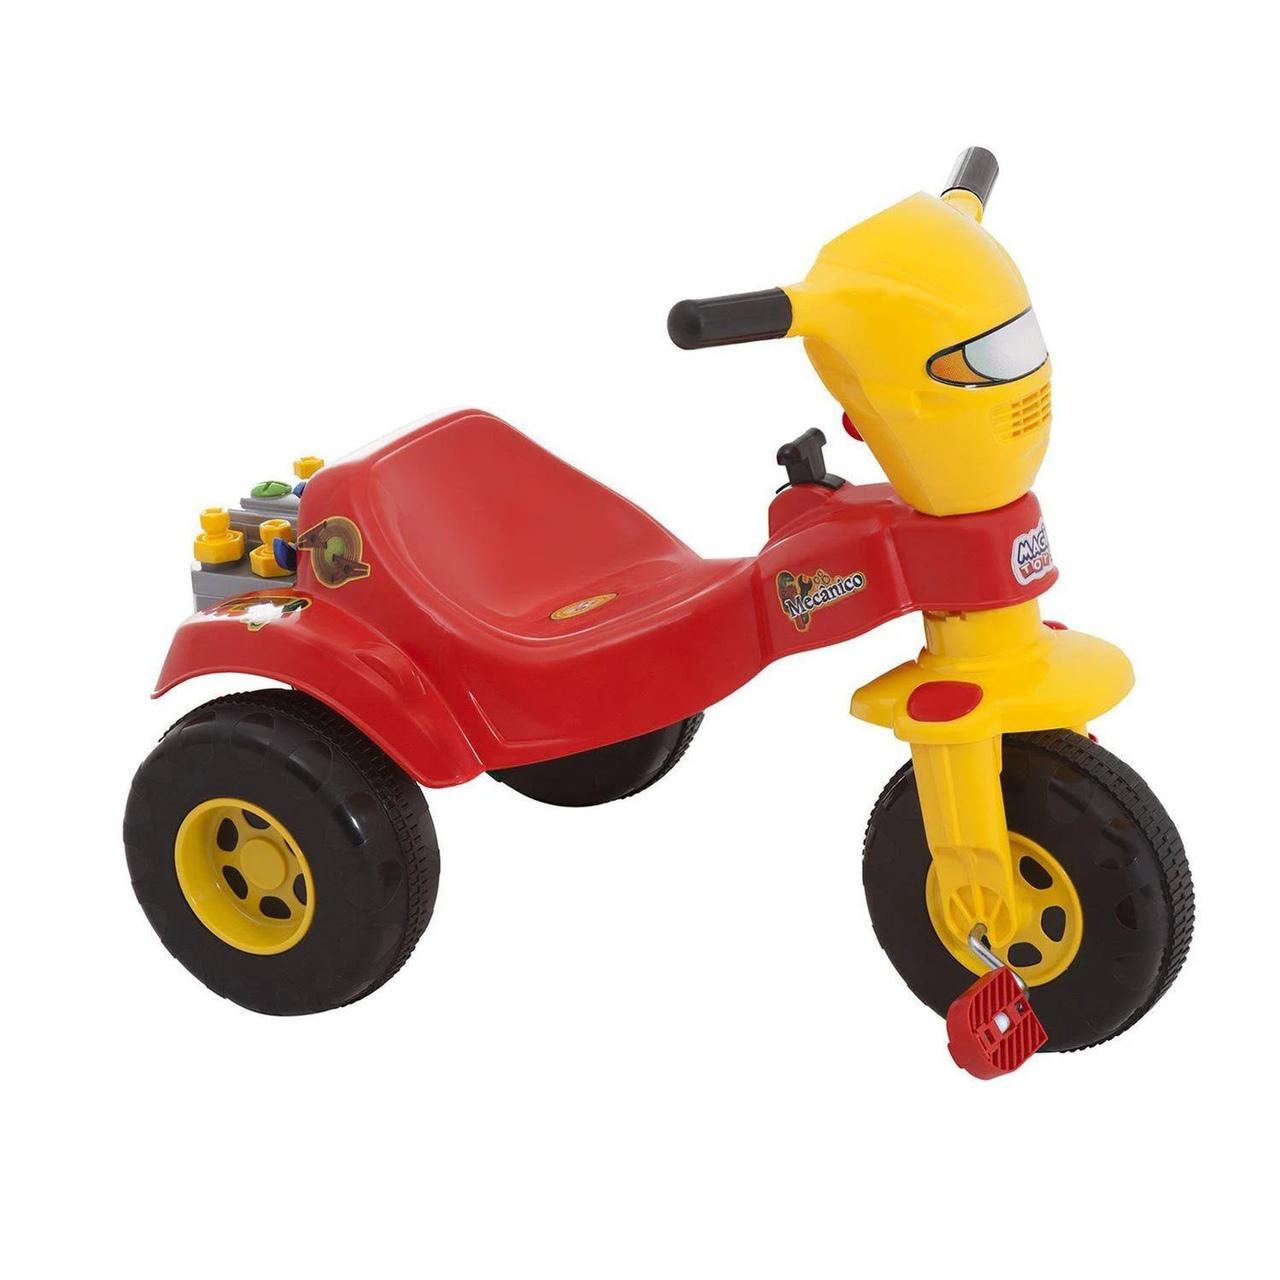 Triciclo Tico Tico Mecânico